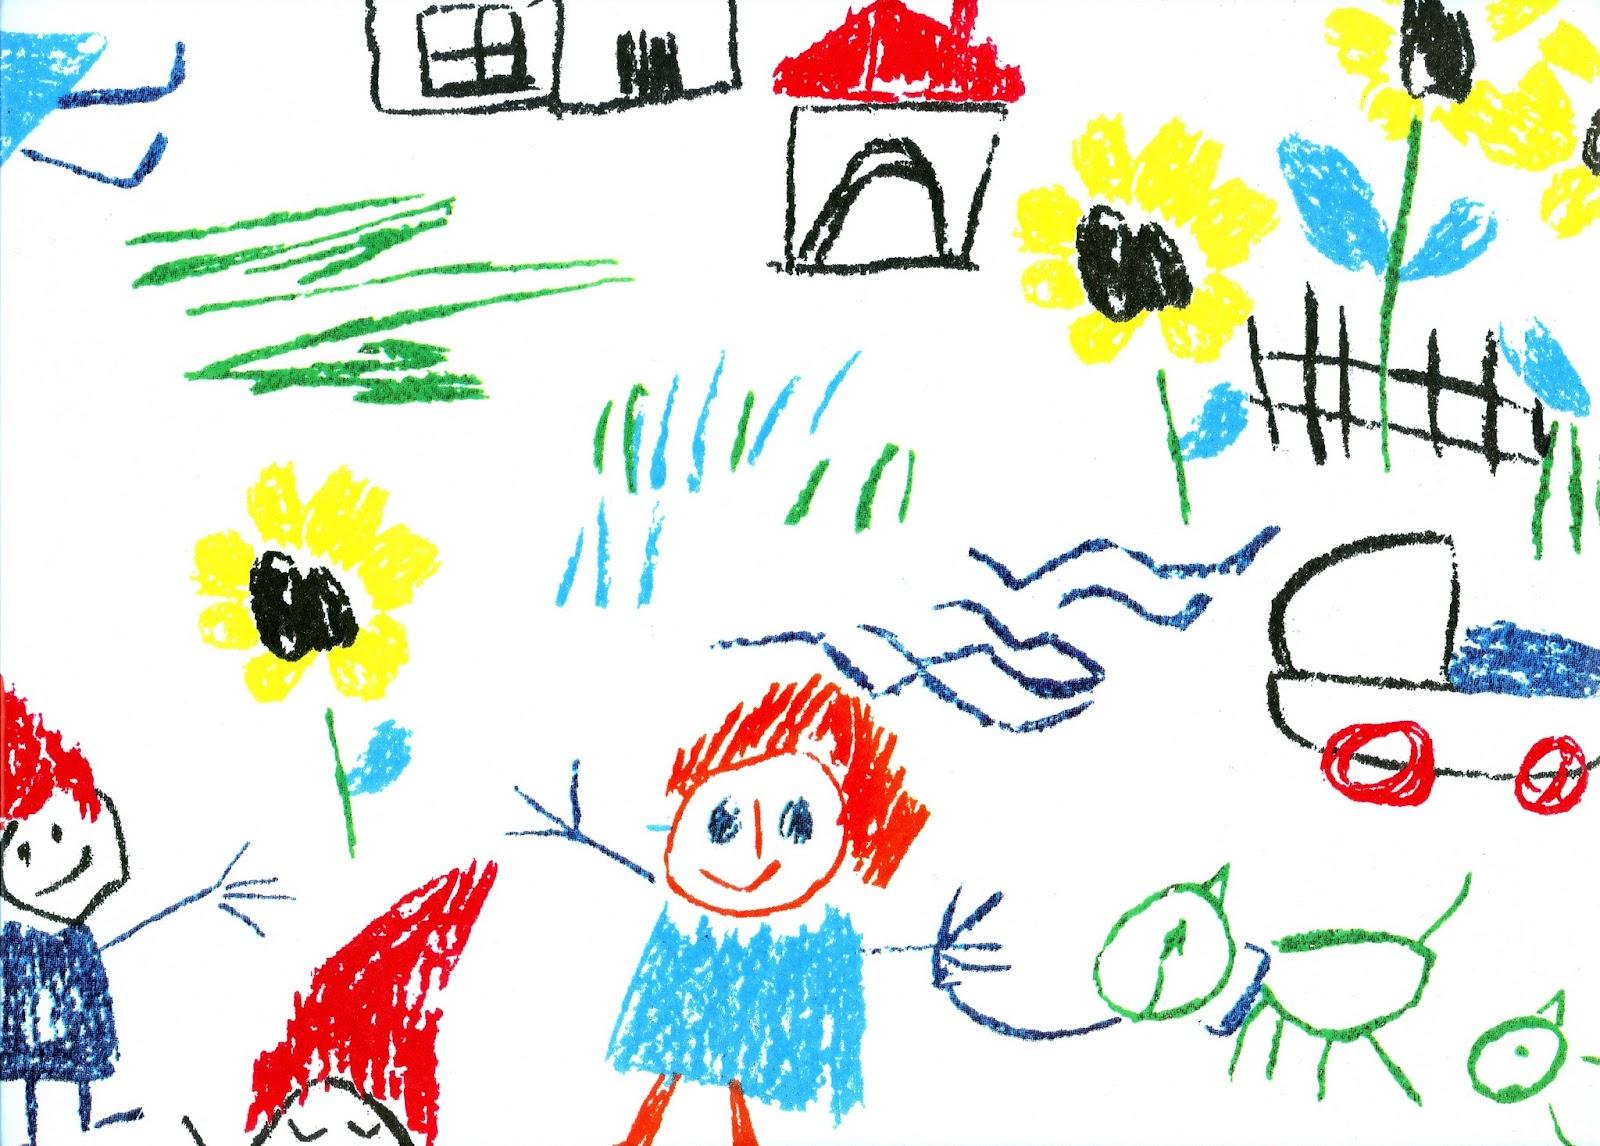 5ed963b60 О детских садах в Германии. — Жизнь в Германии. Русский взгляд.